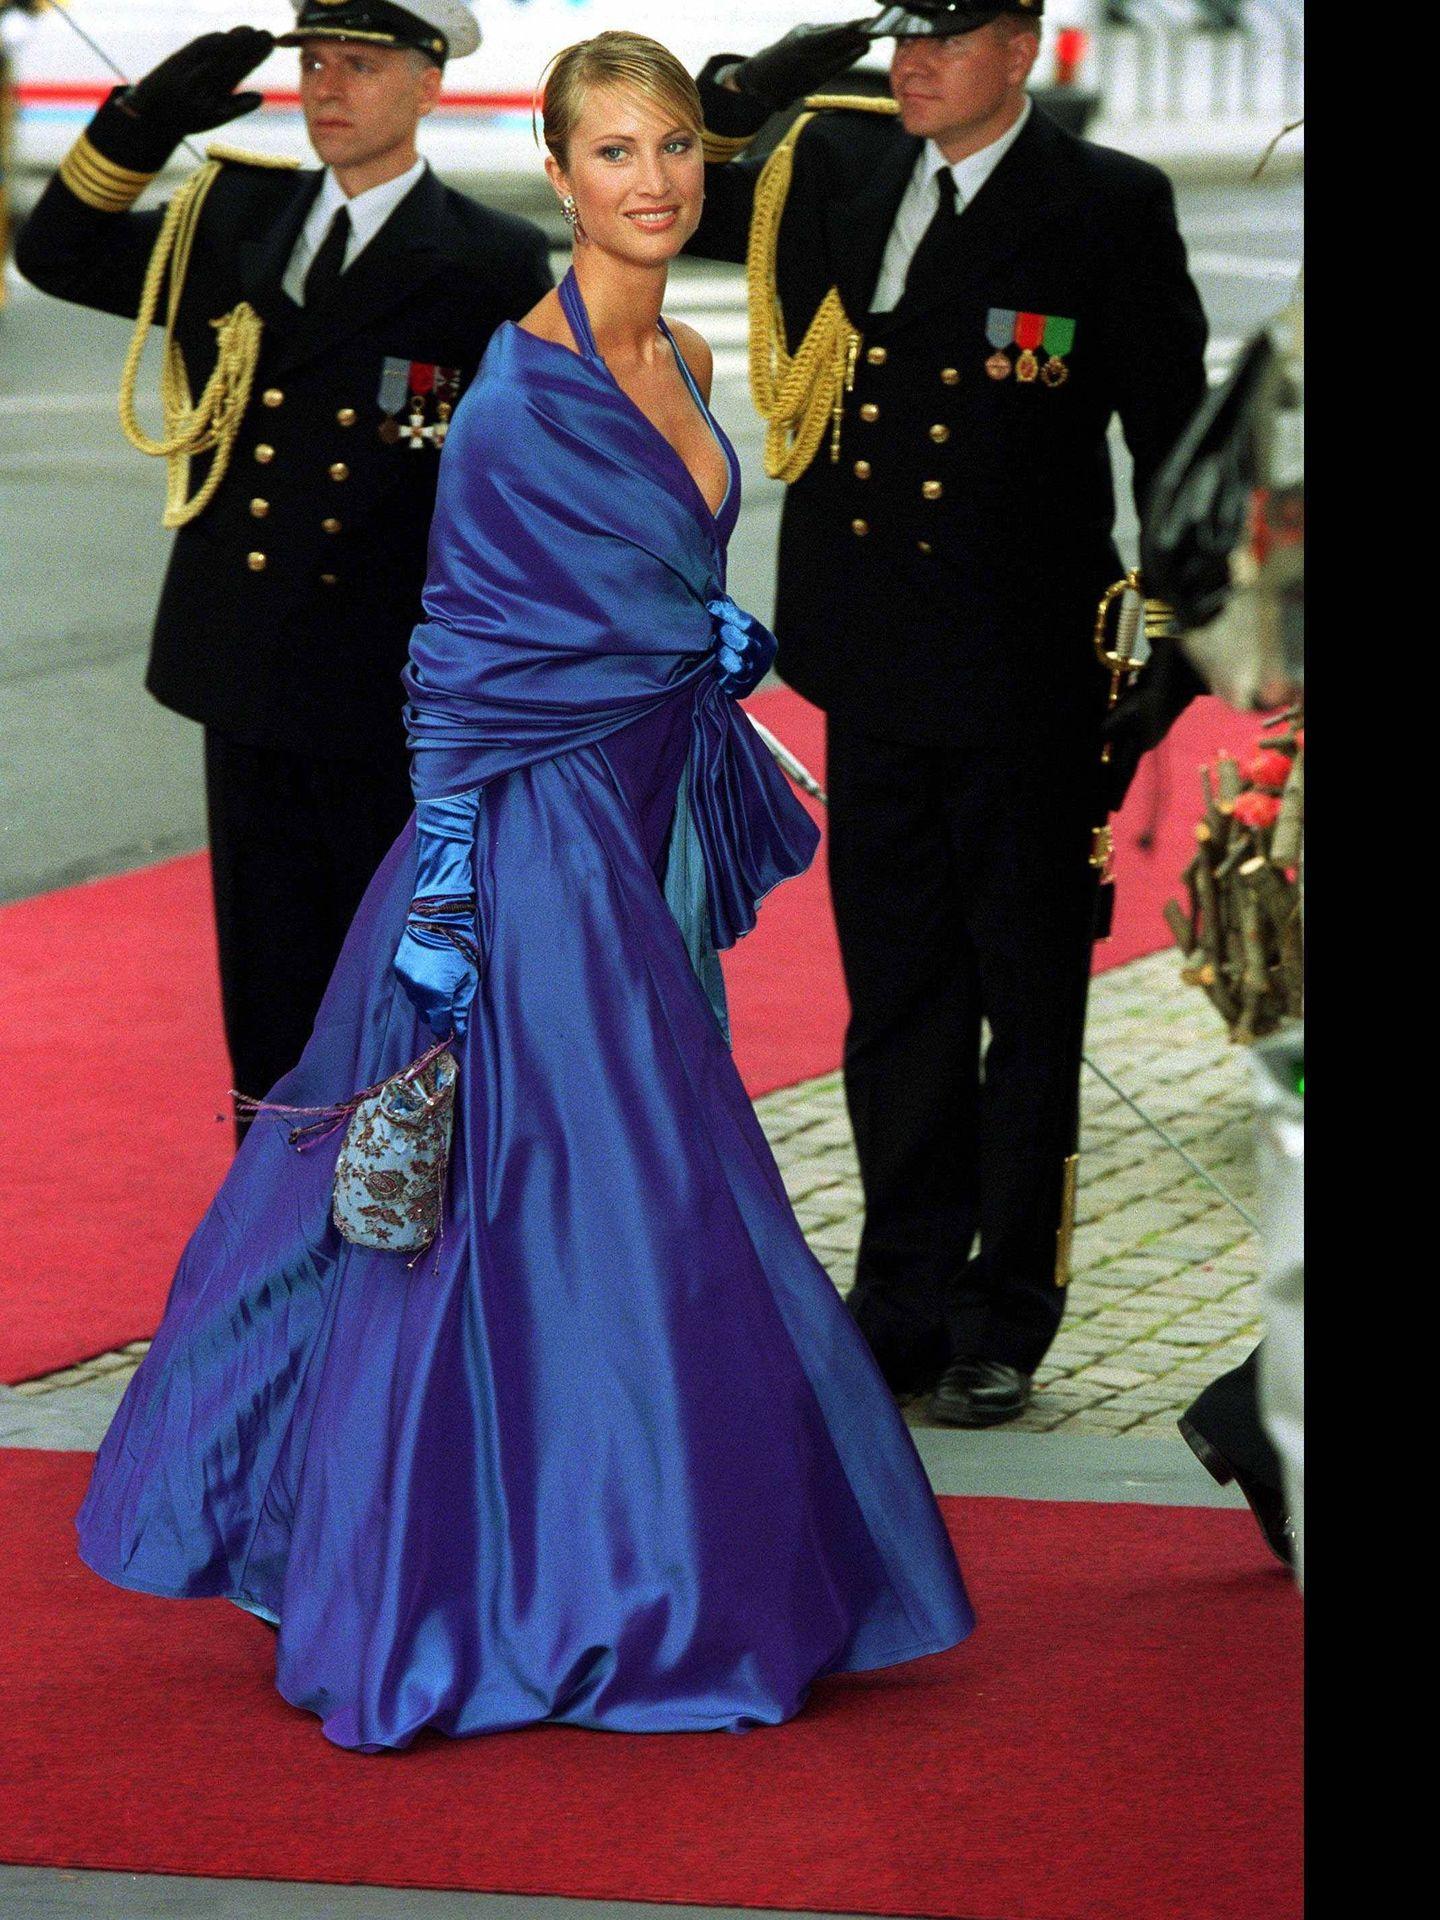 Eva Sannum, en la boda de los príncipes Haakon y Mette-Marit. (Cordon Press)